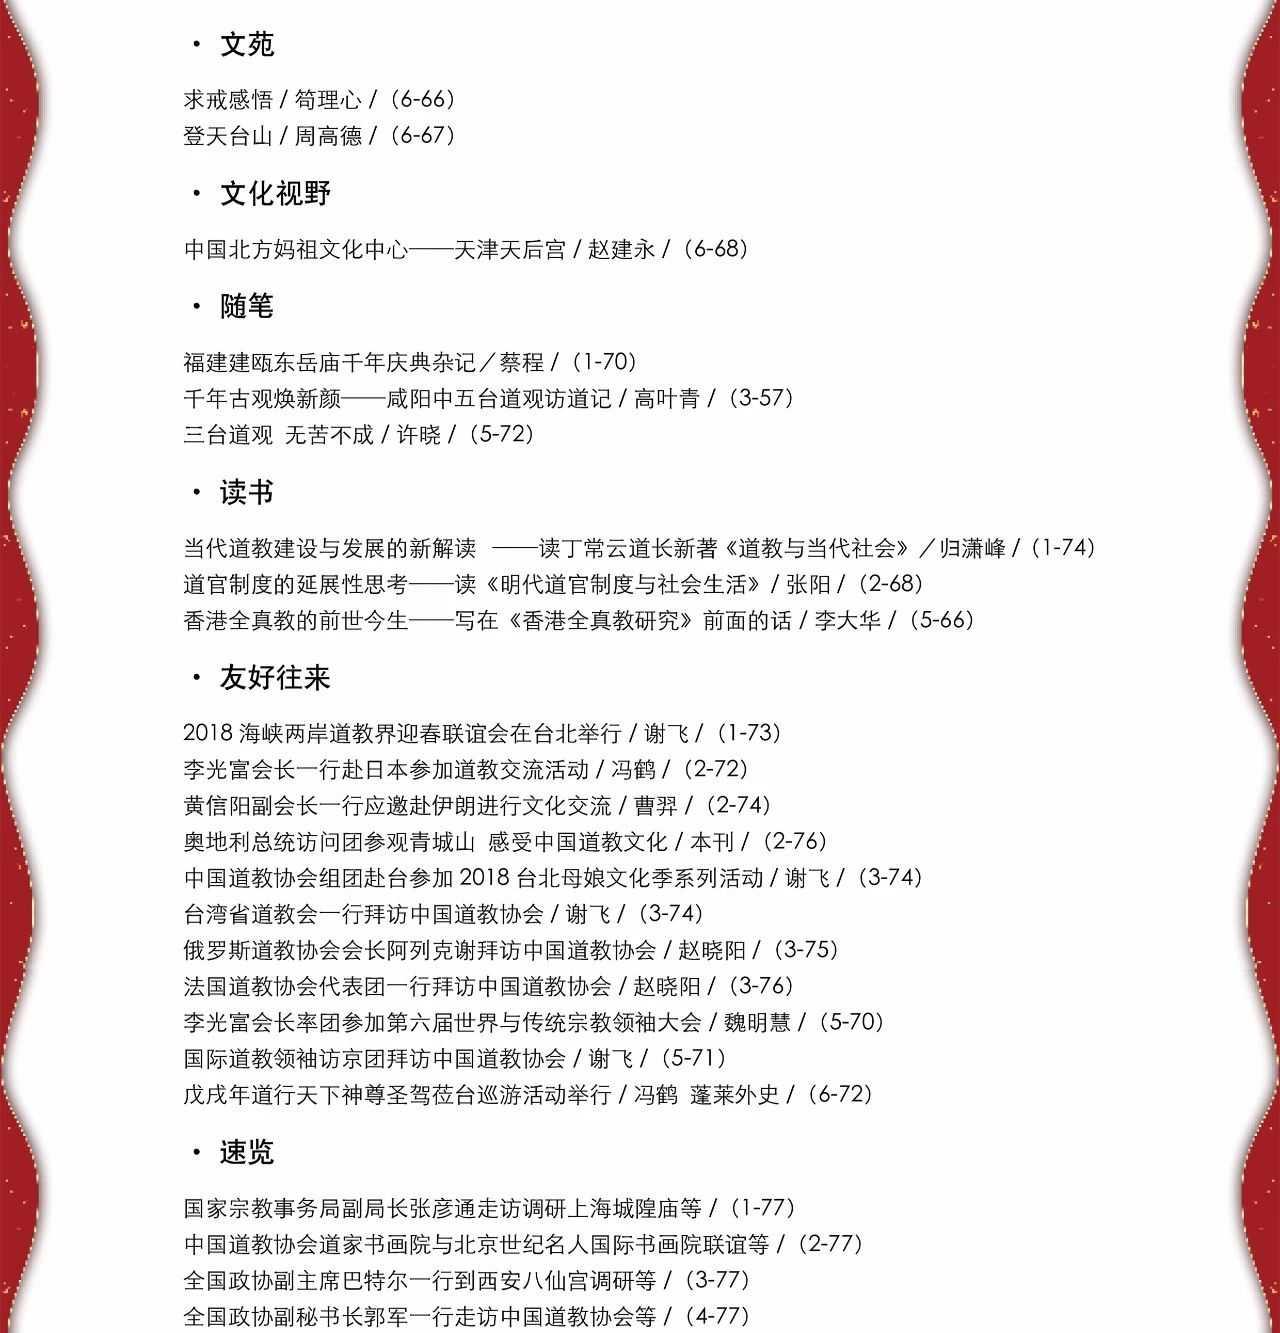 《中国道教》杂志2018年总目录